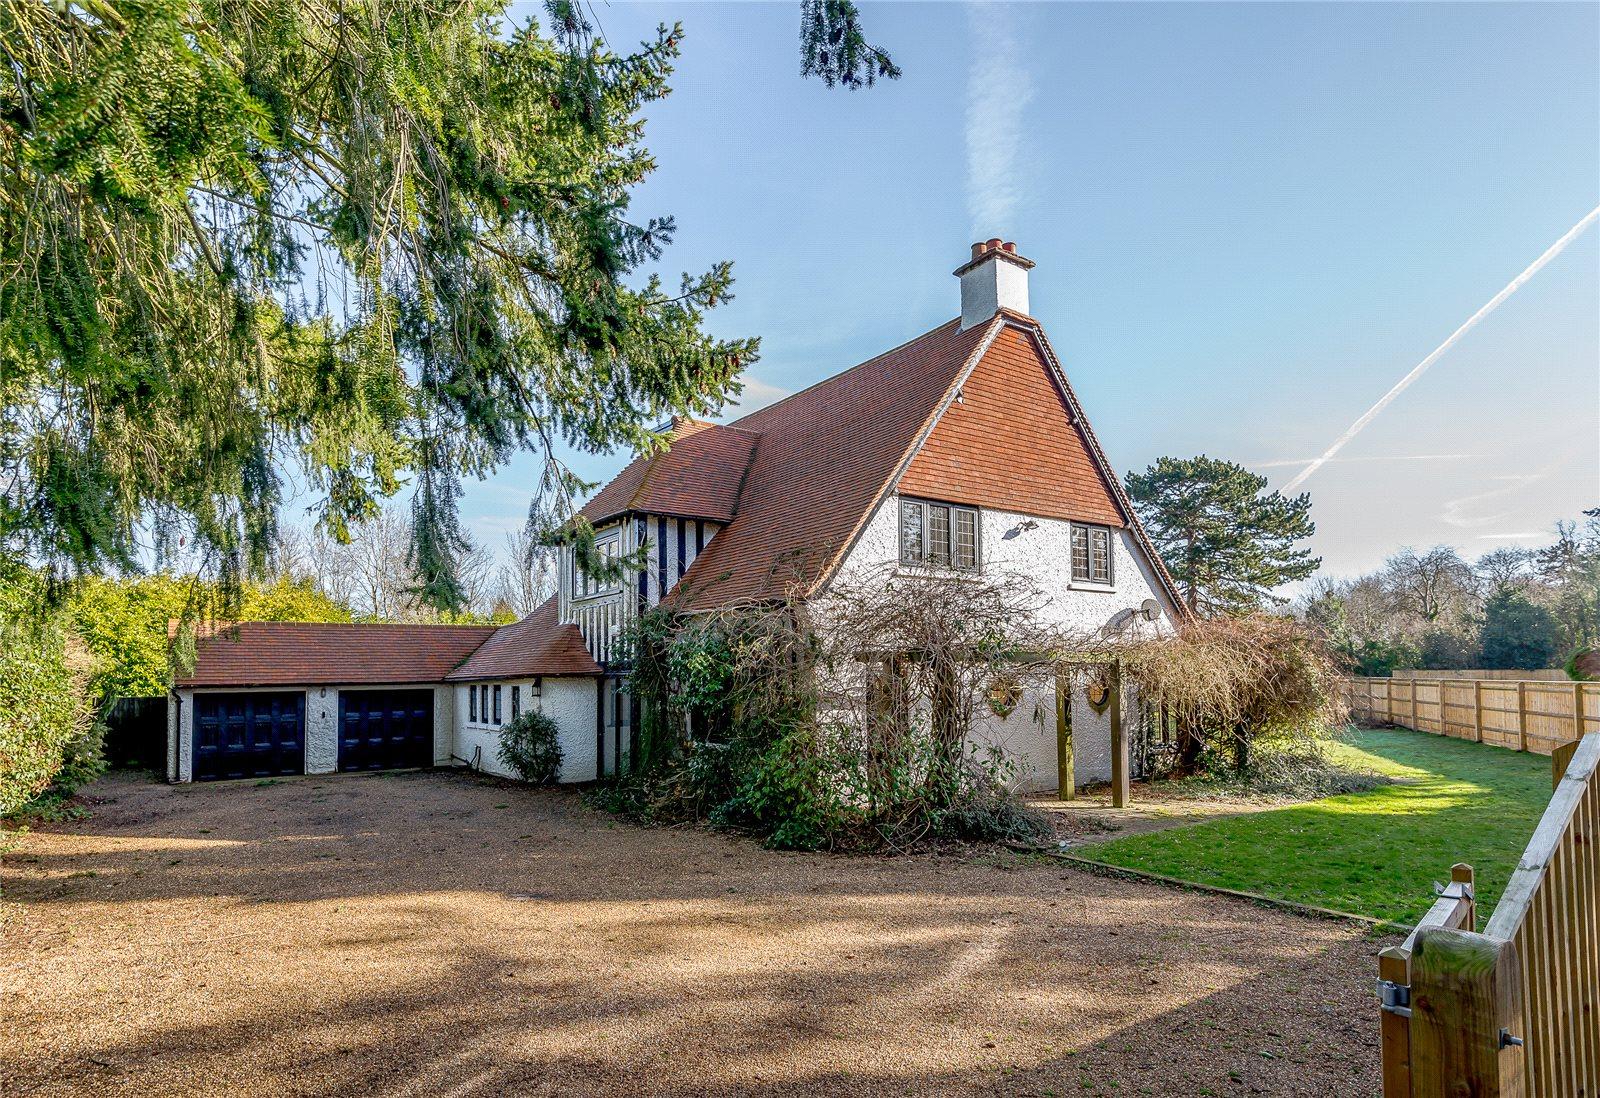 獨棟家庭住宅 為 出售 在 Layters Way, Gerrards Cross, Buckinghamshire, SL9 Gerrards Cross, 英格蘭